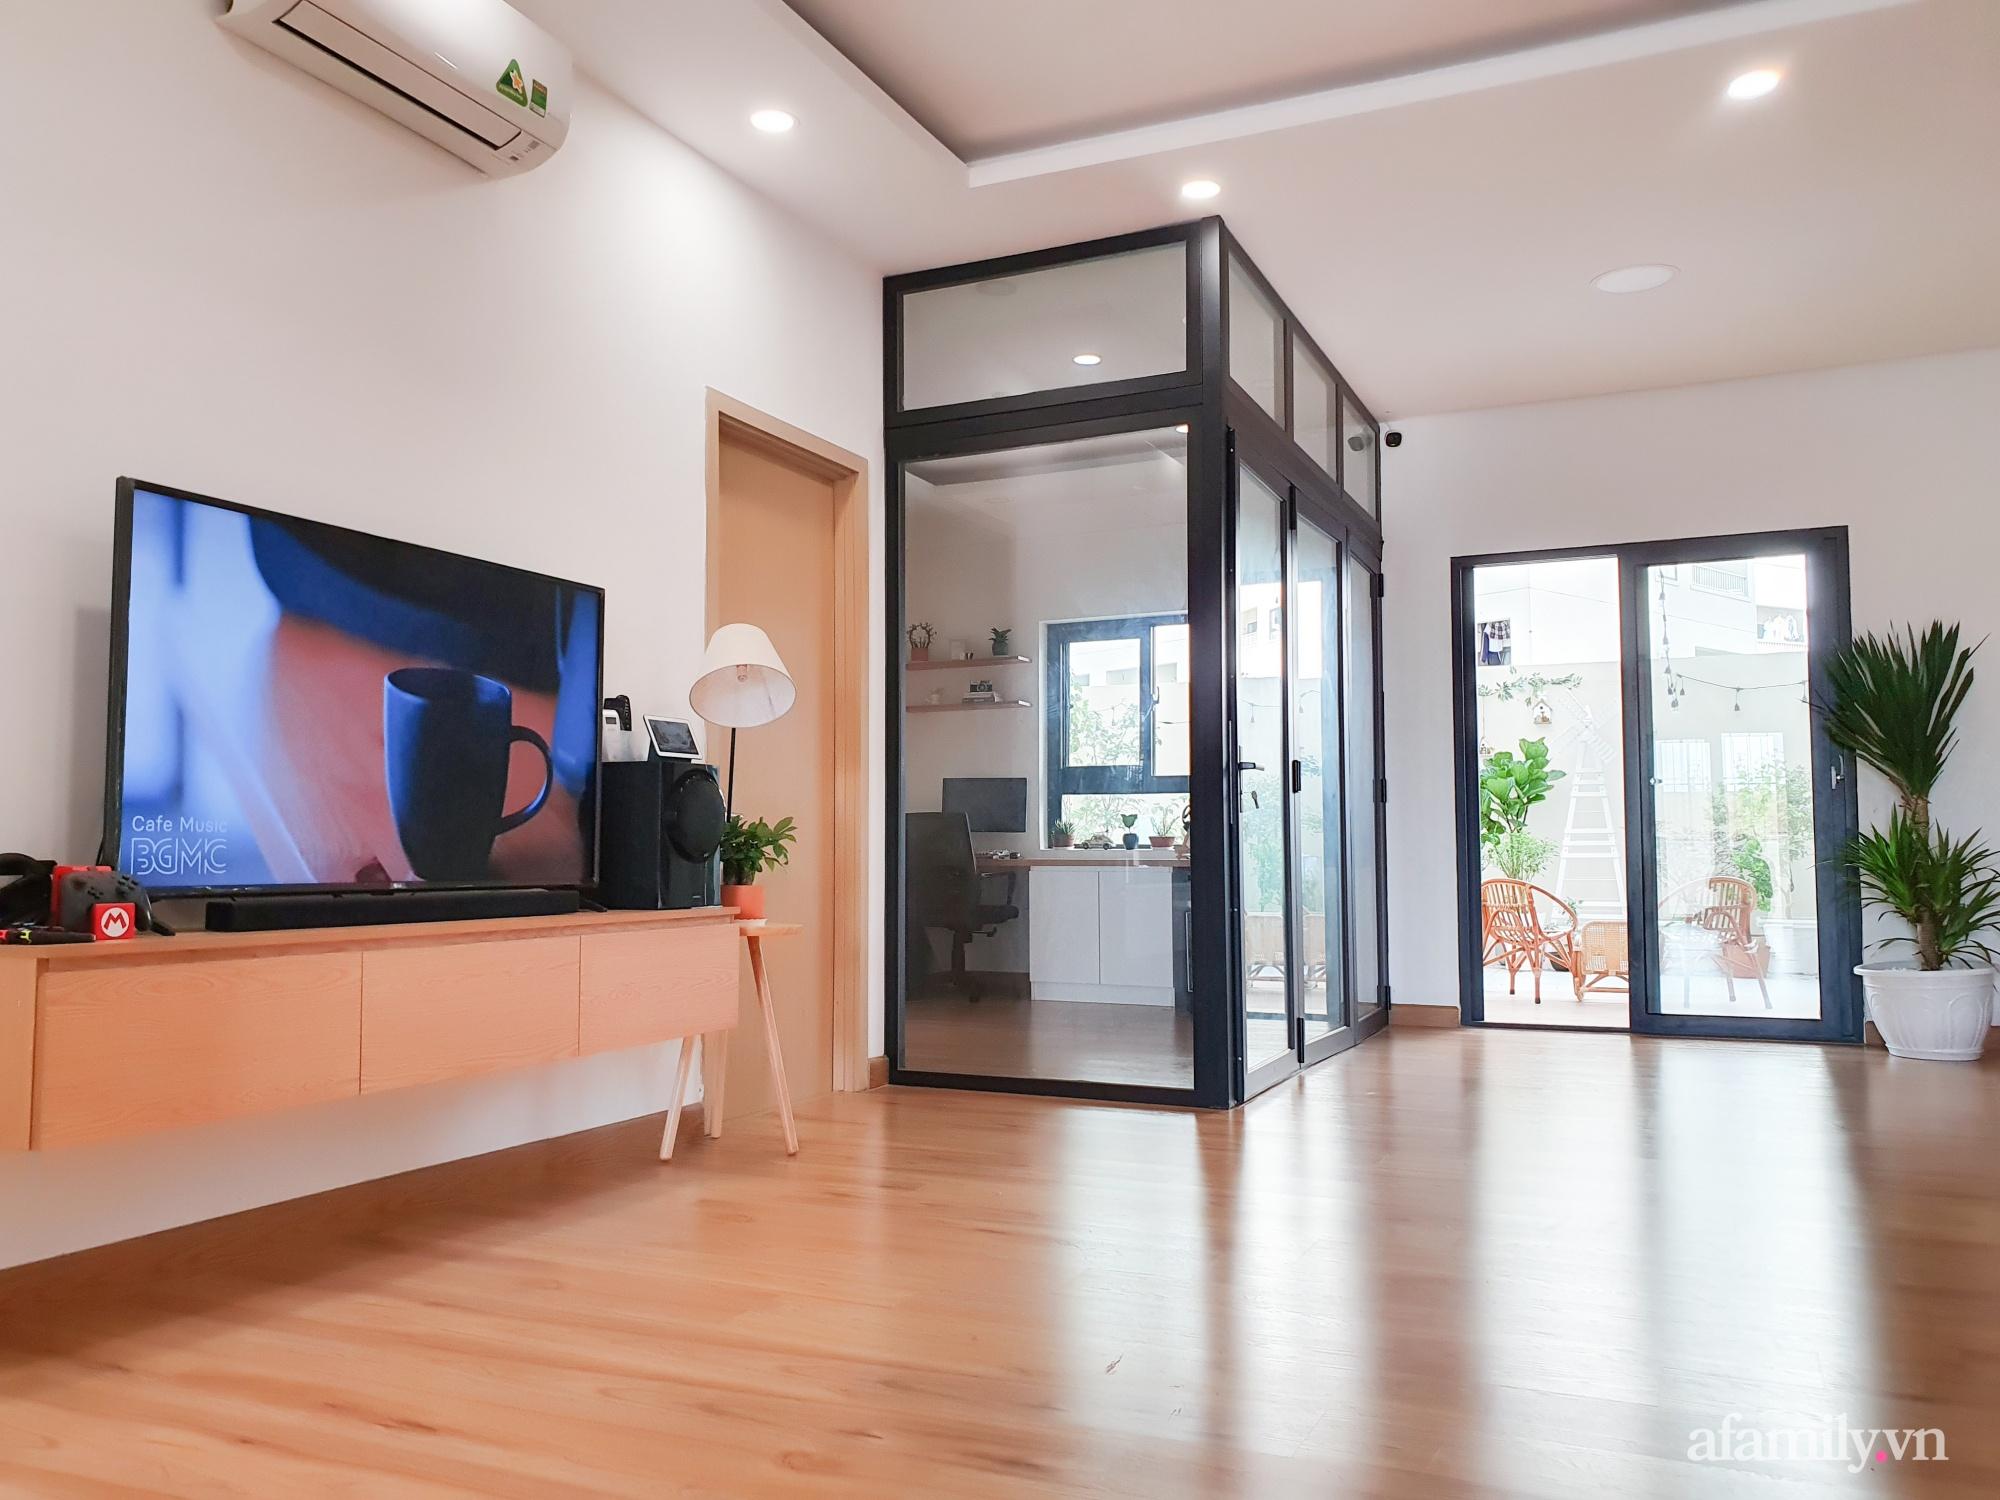 Căn hộ 180m² được vợ chồng trẻ cải tạo vừa ở vừa làm vườn có chi phí 550 triệu đồng ở Sài Gòn - Ảnh 2.